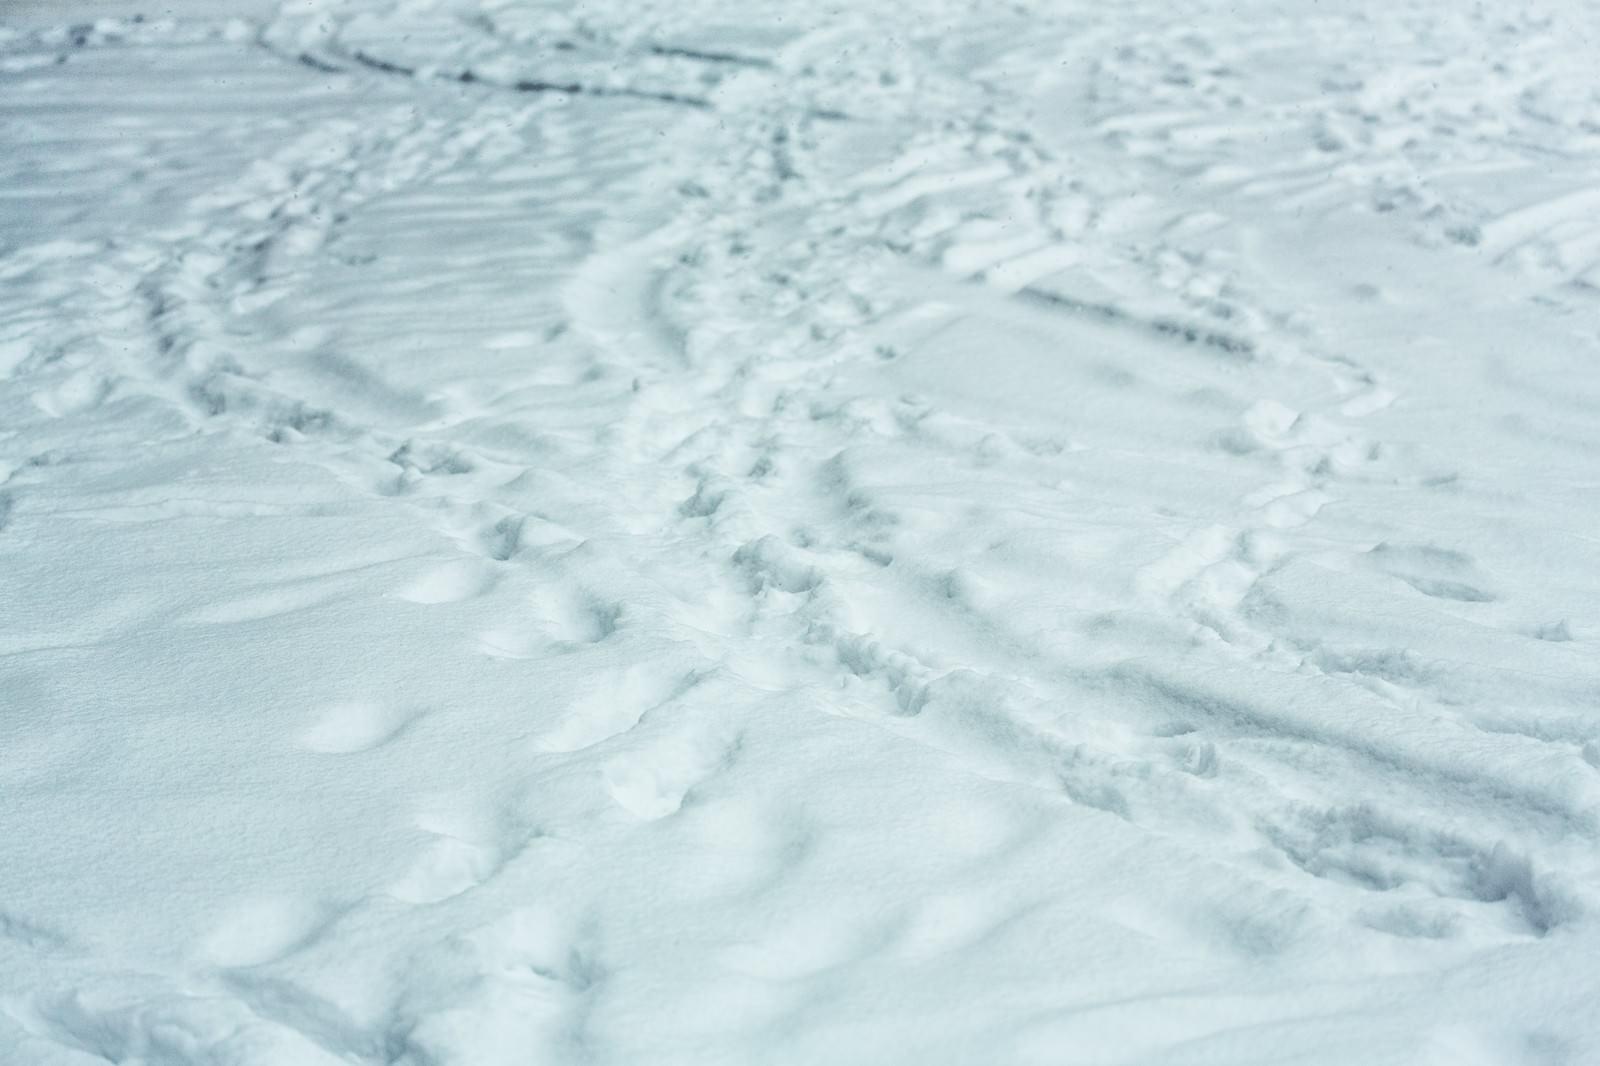 「降り積もる雪(轍と足あと)降り積もる雪(轍と足あと)」のフリー写真素材を拡大